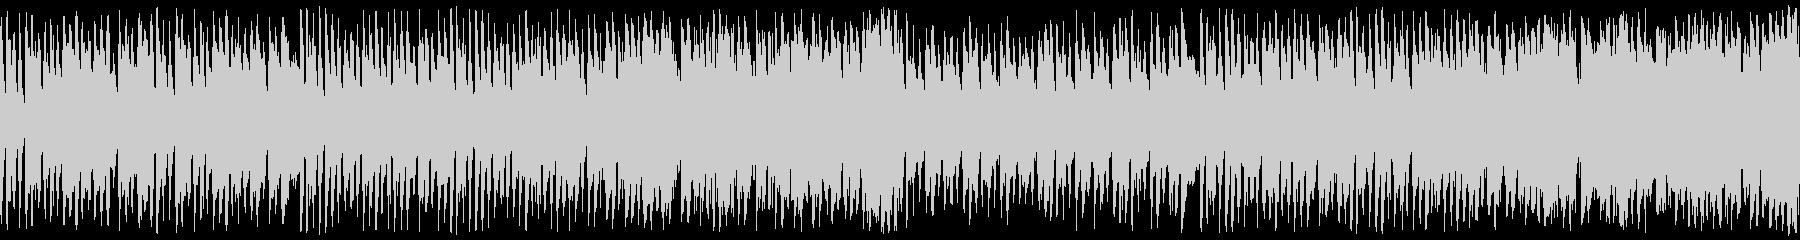 ハロウィン向けポップなホラーループ曲の未再生の波形